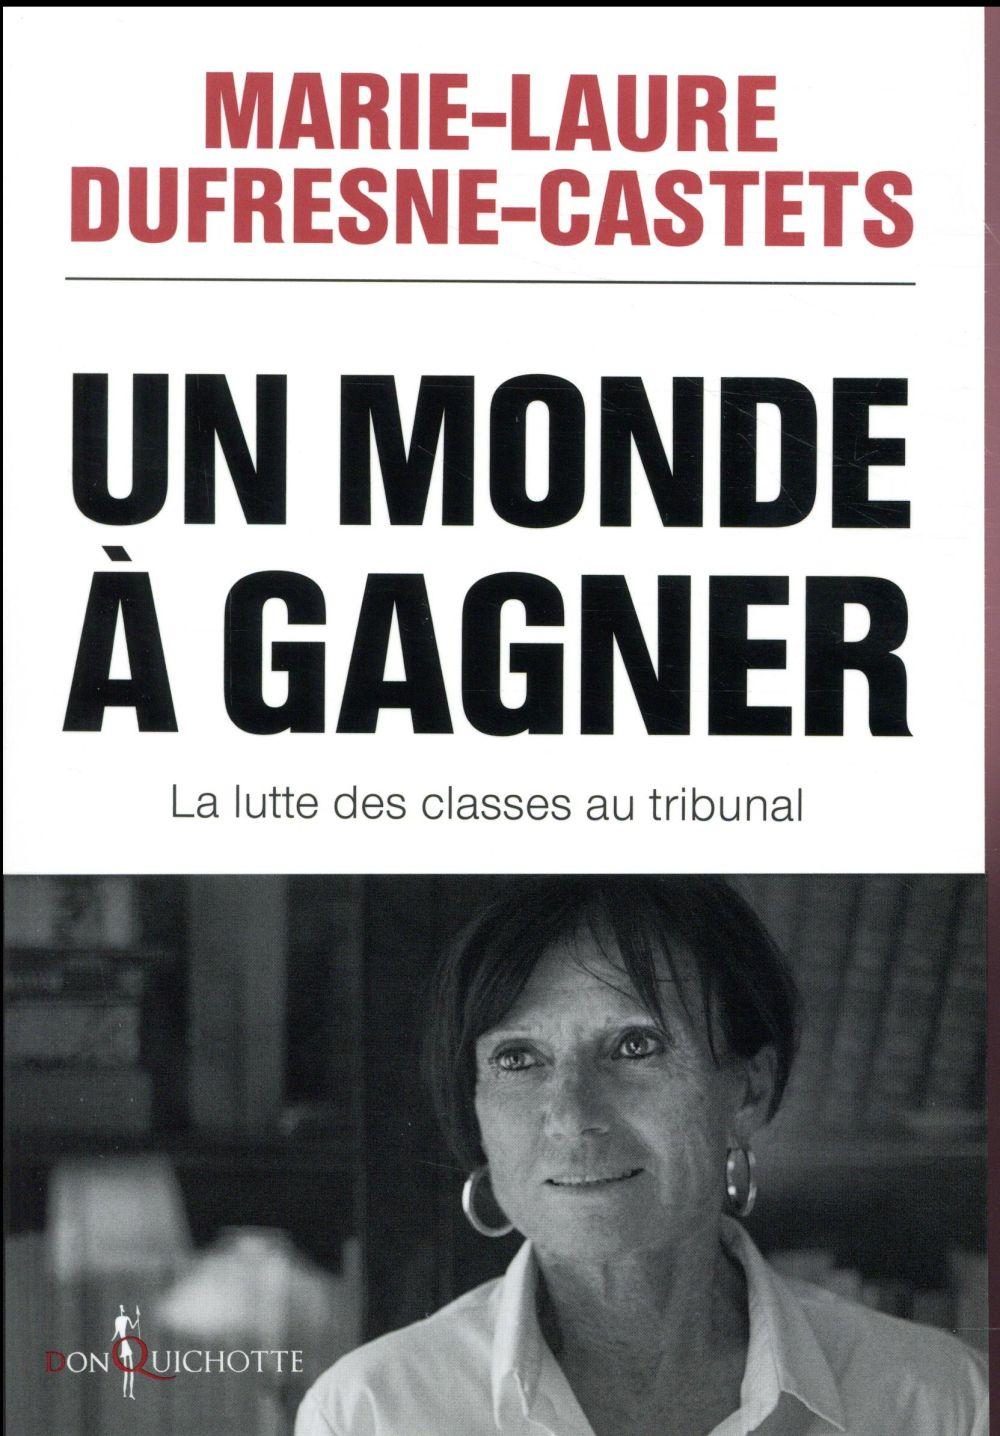 UN MONDE A GAGNER - LA LUTTE DES CLASSES AU TRIBUNAL